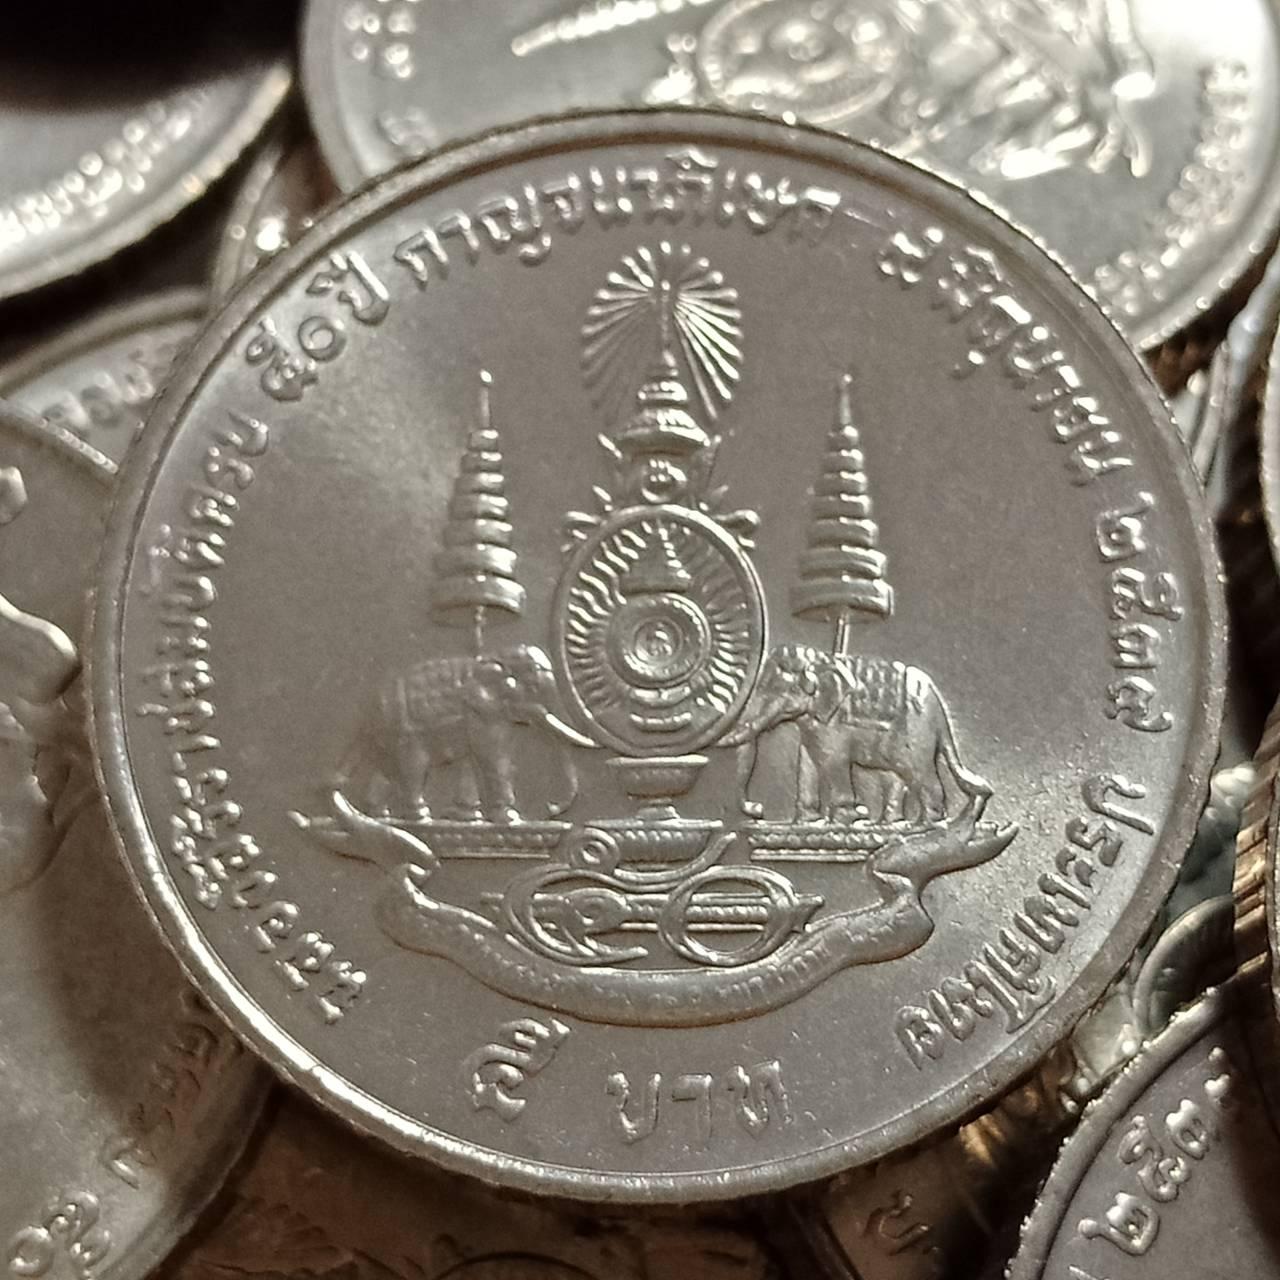 เหรียญ 5 บาท 2539 กาญจนาฯ ไม่ผ่านใช้ UNC